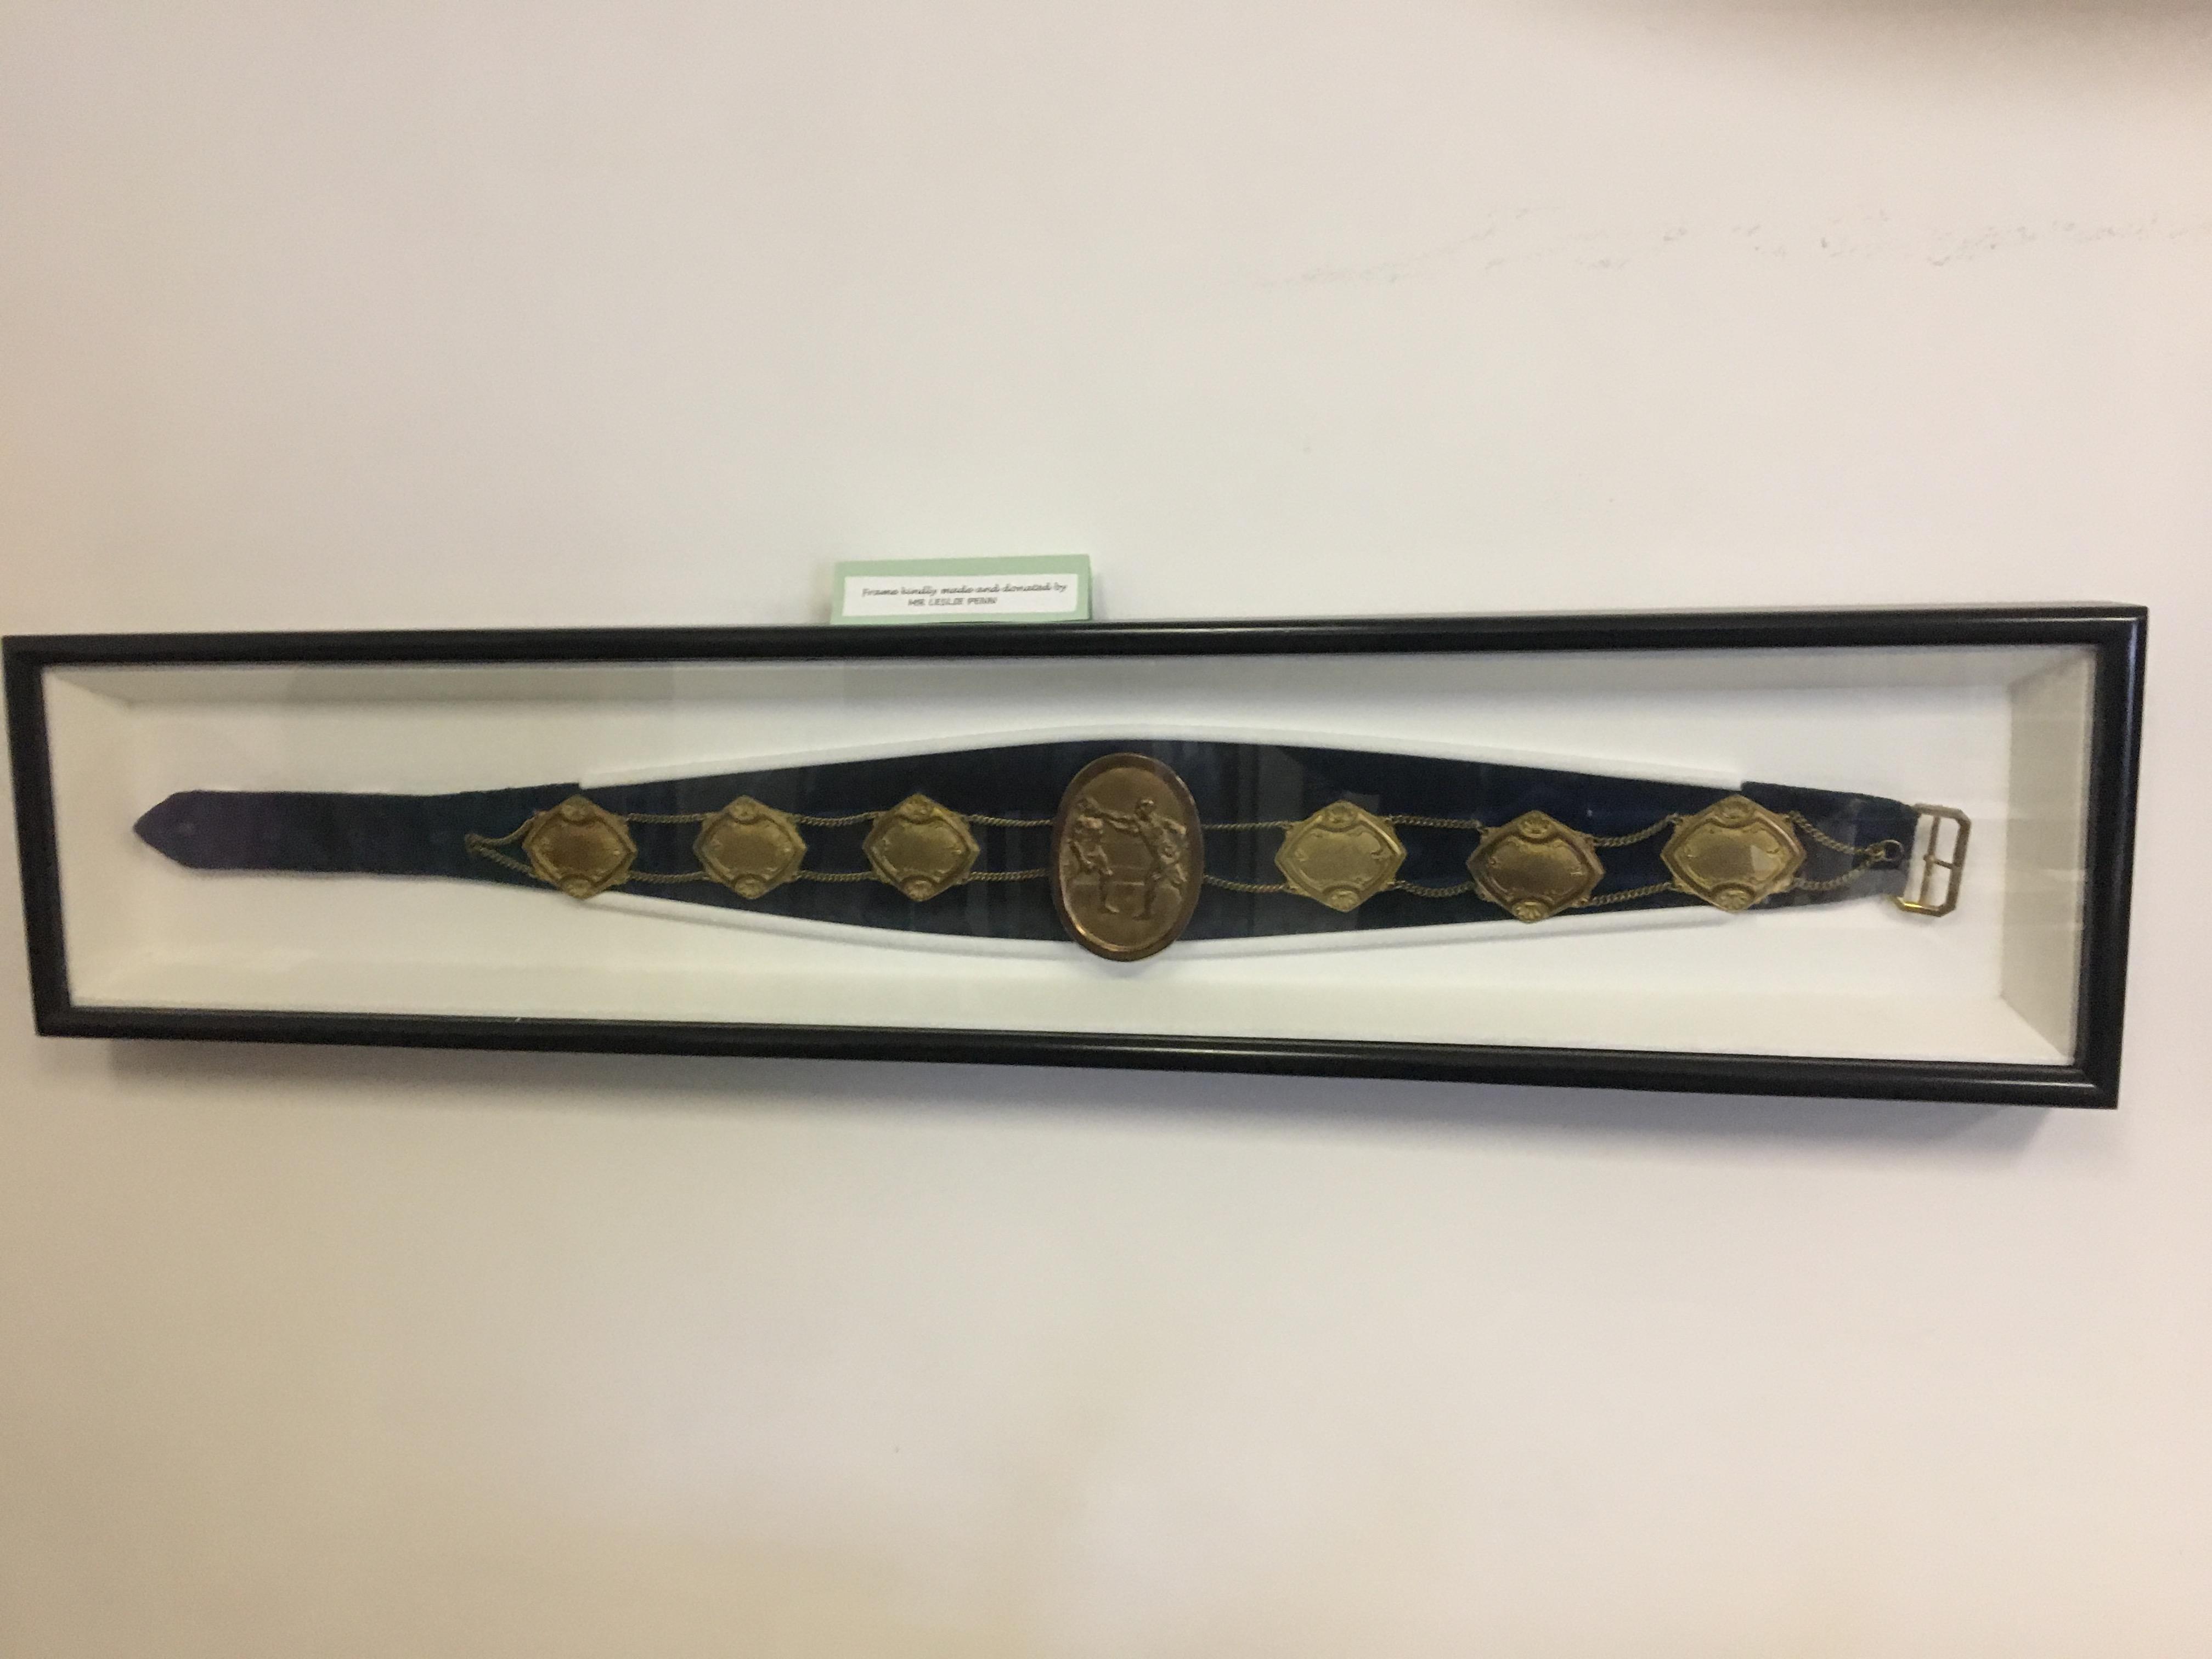 Chris Smart belt